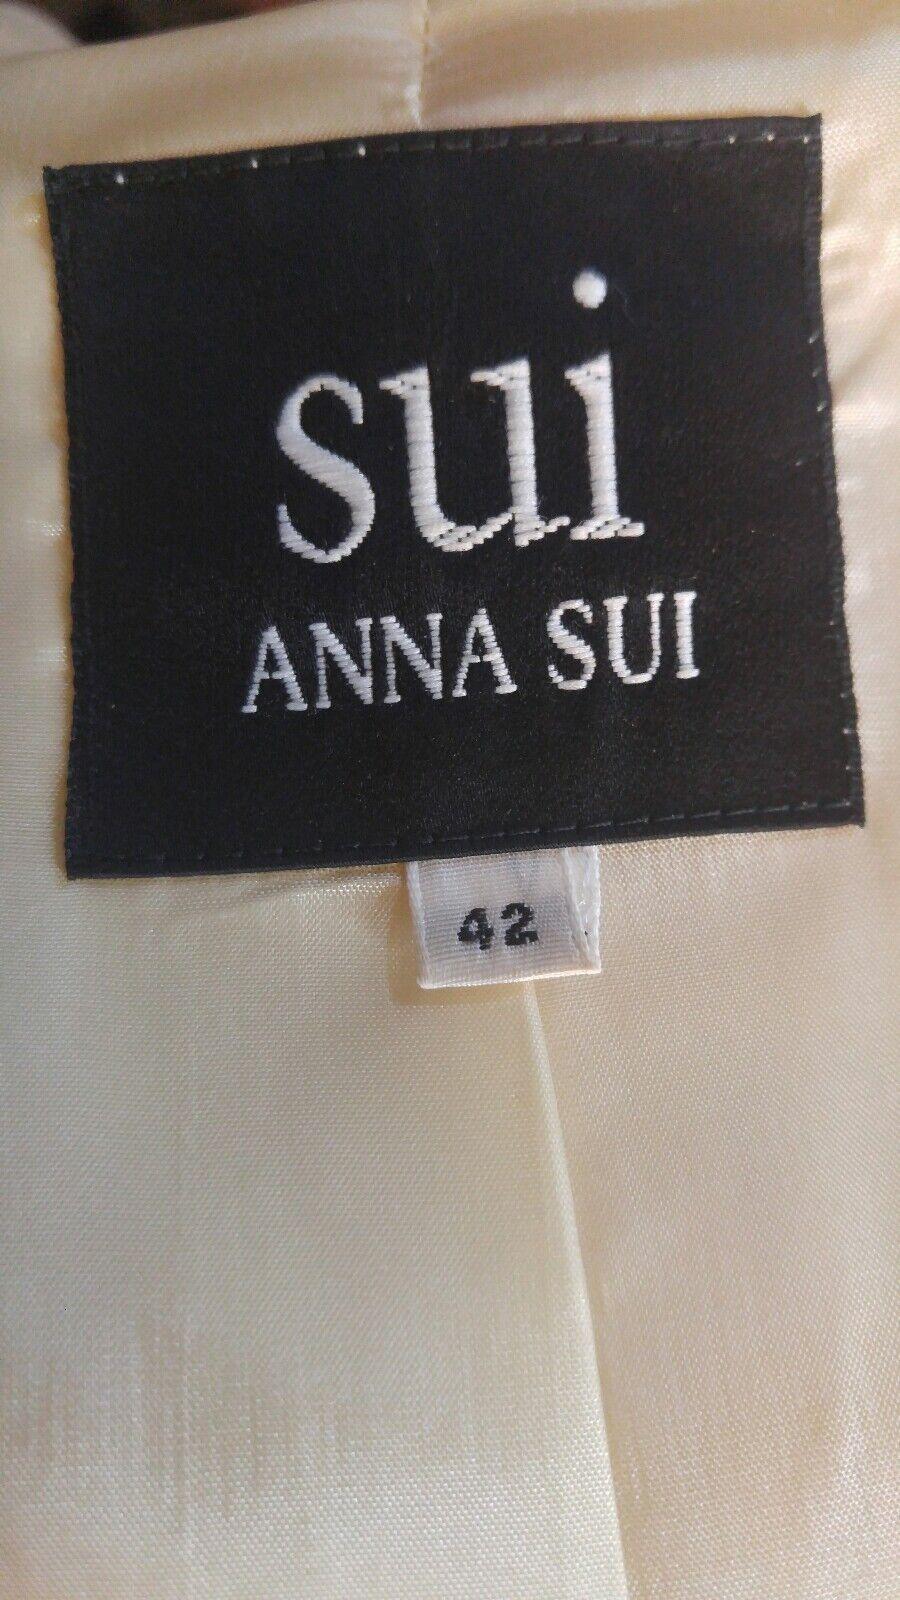 ANNA SUI 90s Vintage Wool Jacket M $550 - image 8